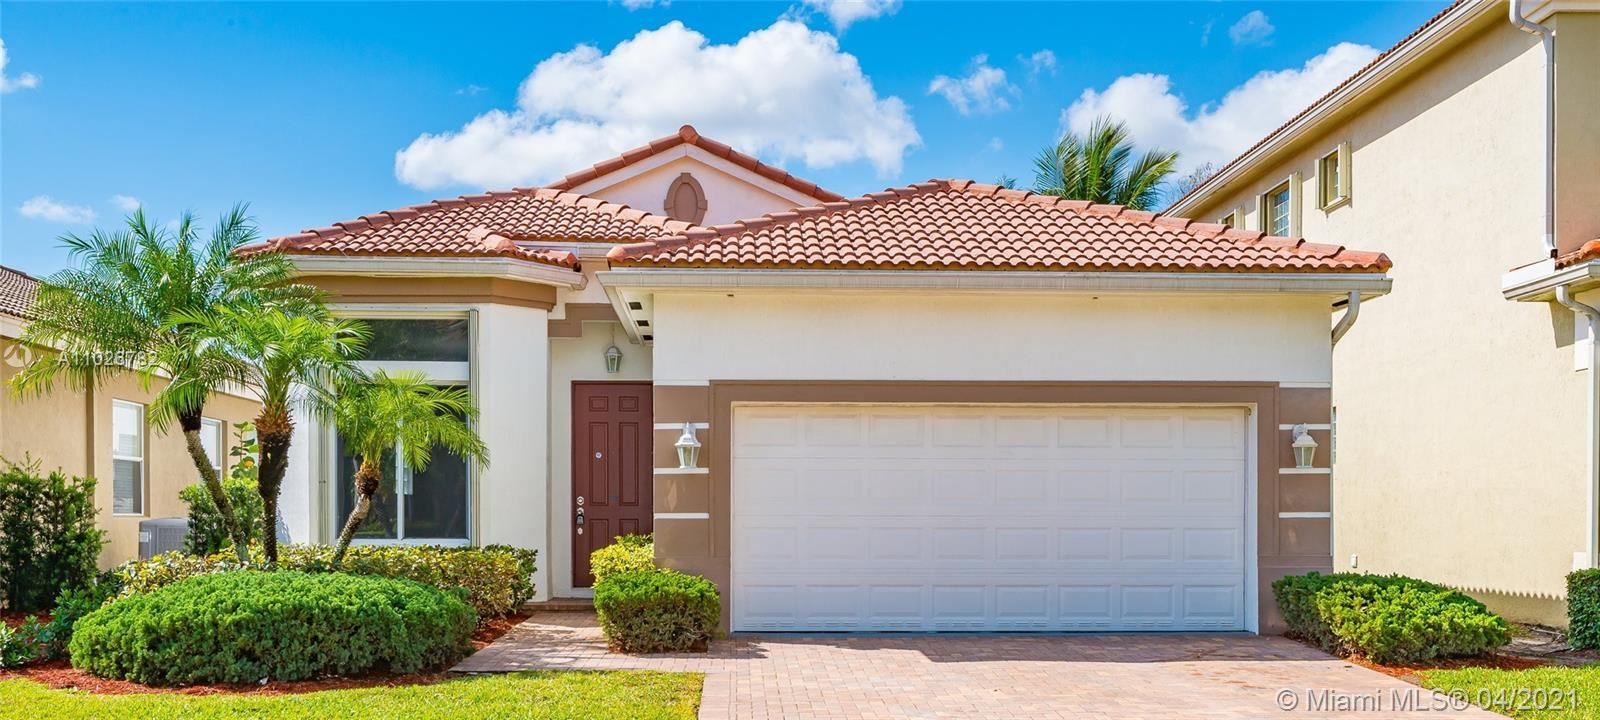 41 Country Lake Cir, Boynton Beach, FL 33436 - #: A11026782